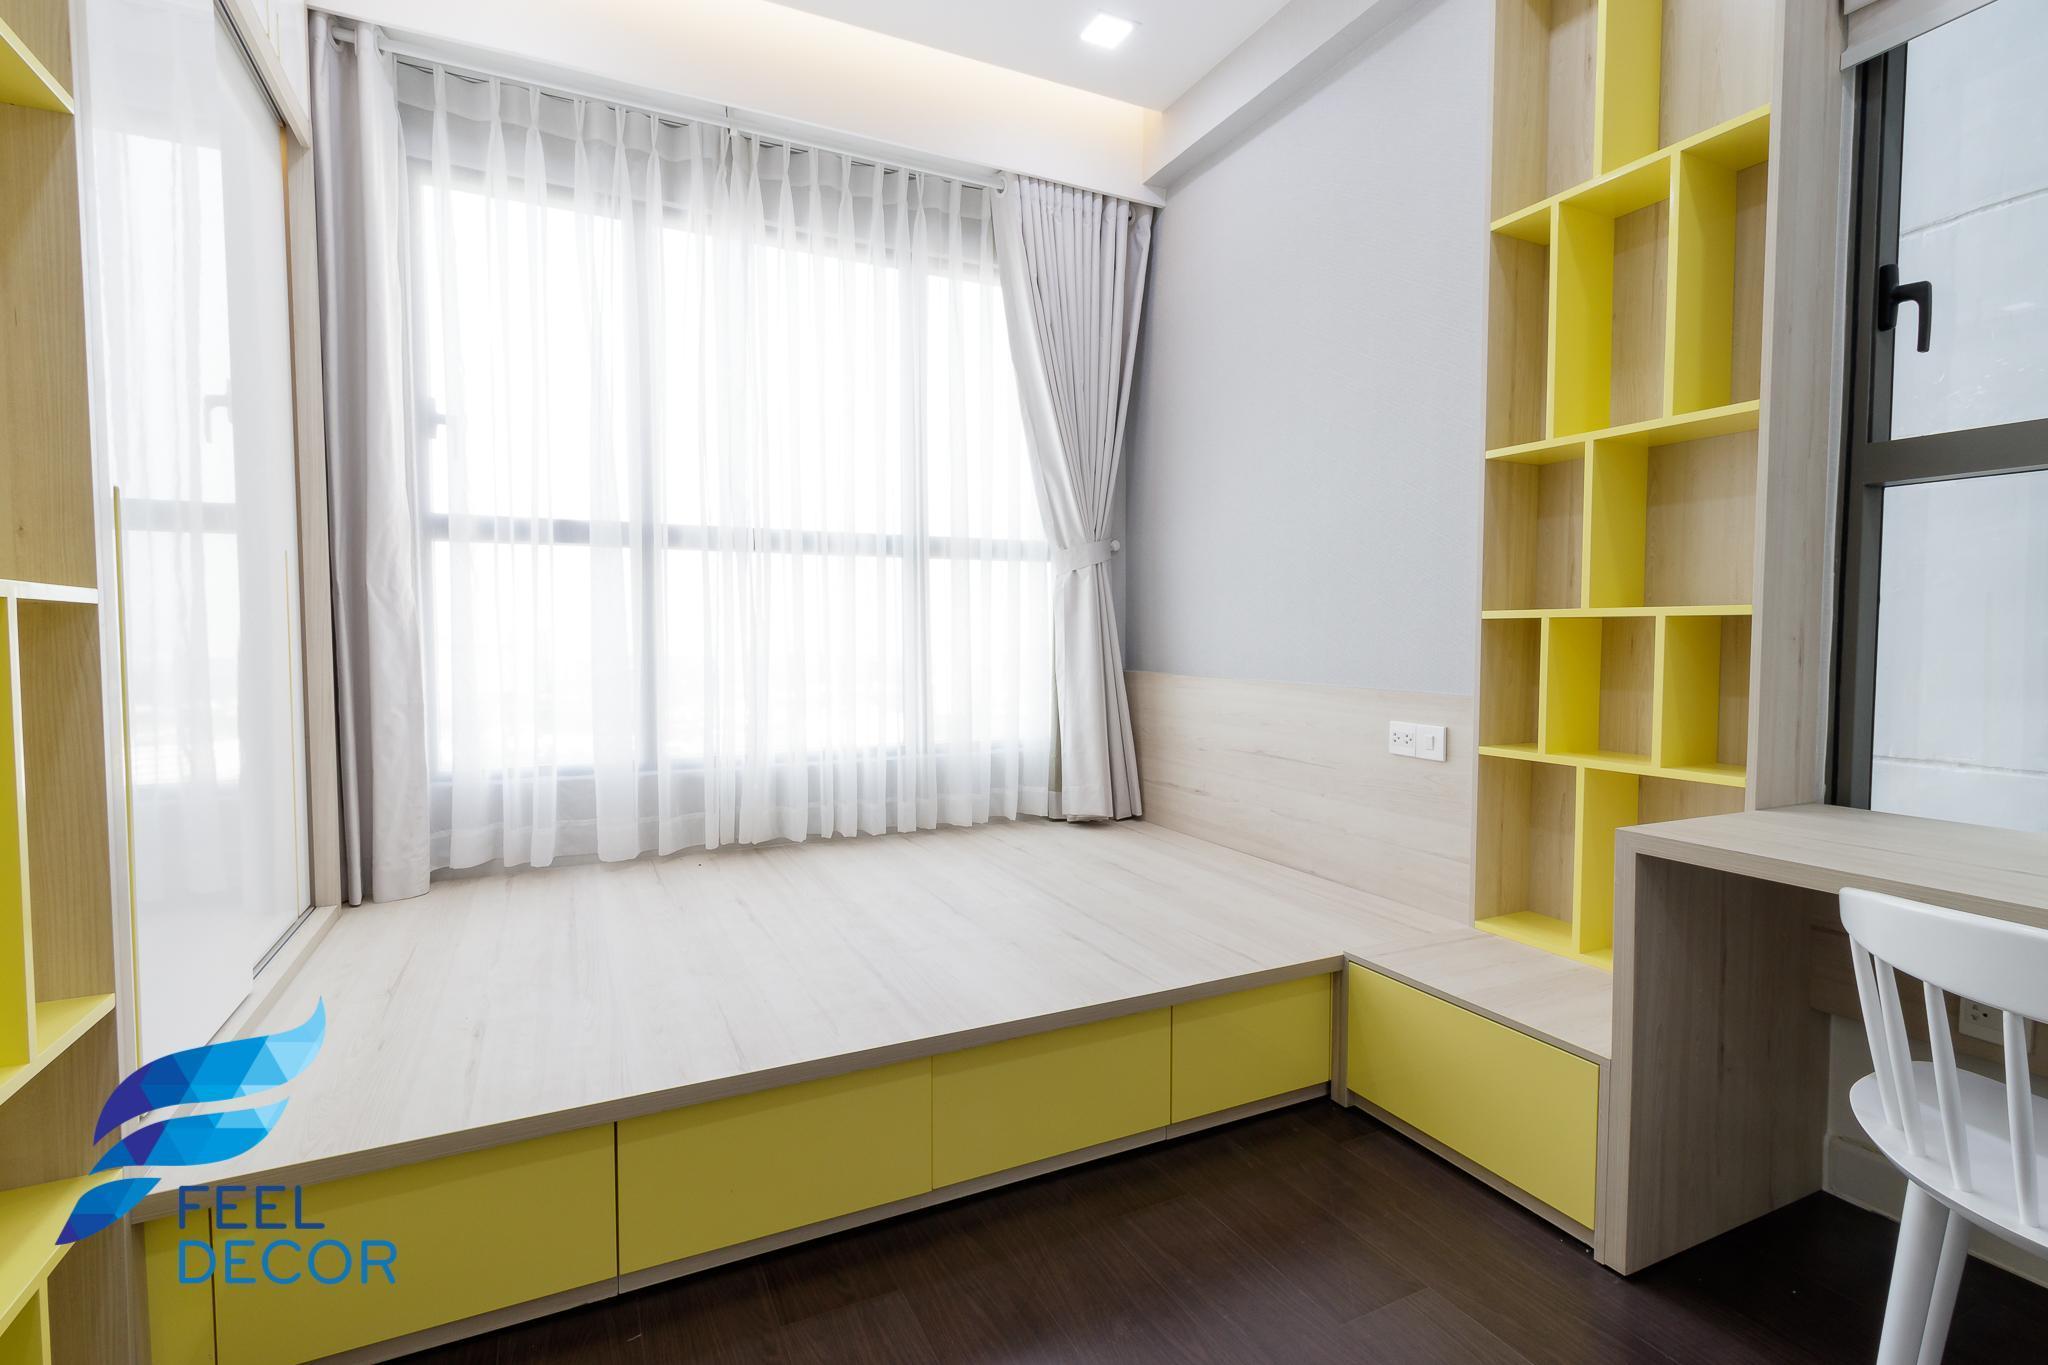 hình ảnh thực tế thiết kế nội thất căn hộ 3 phòng ngủ